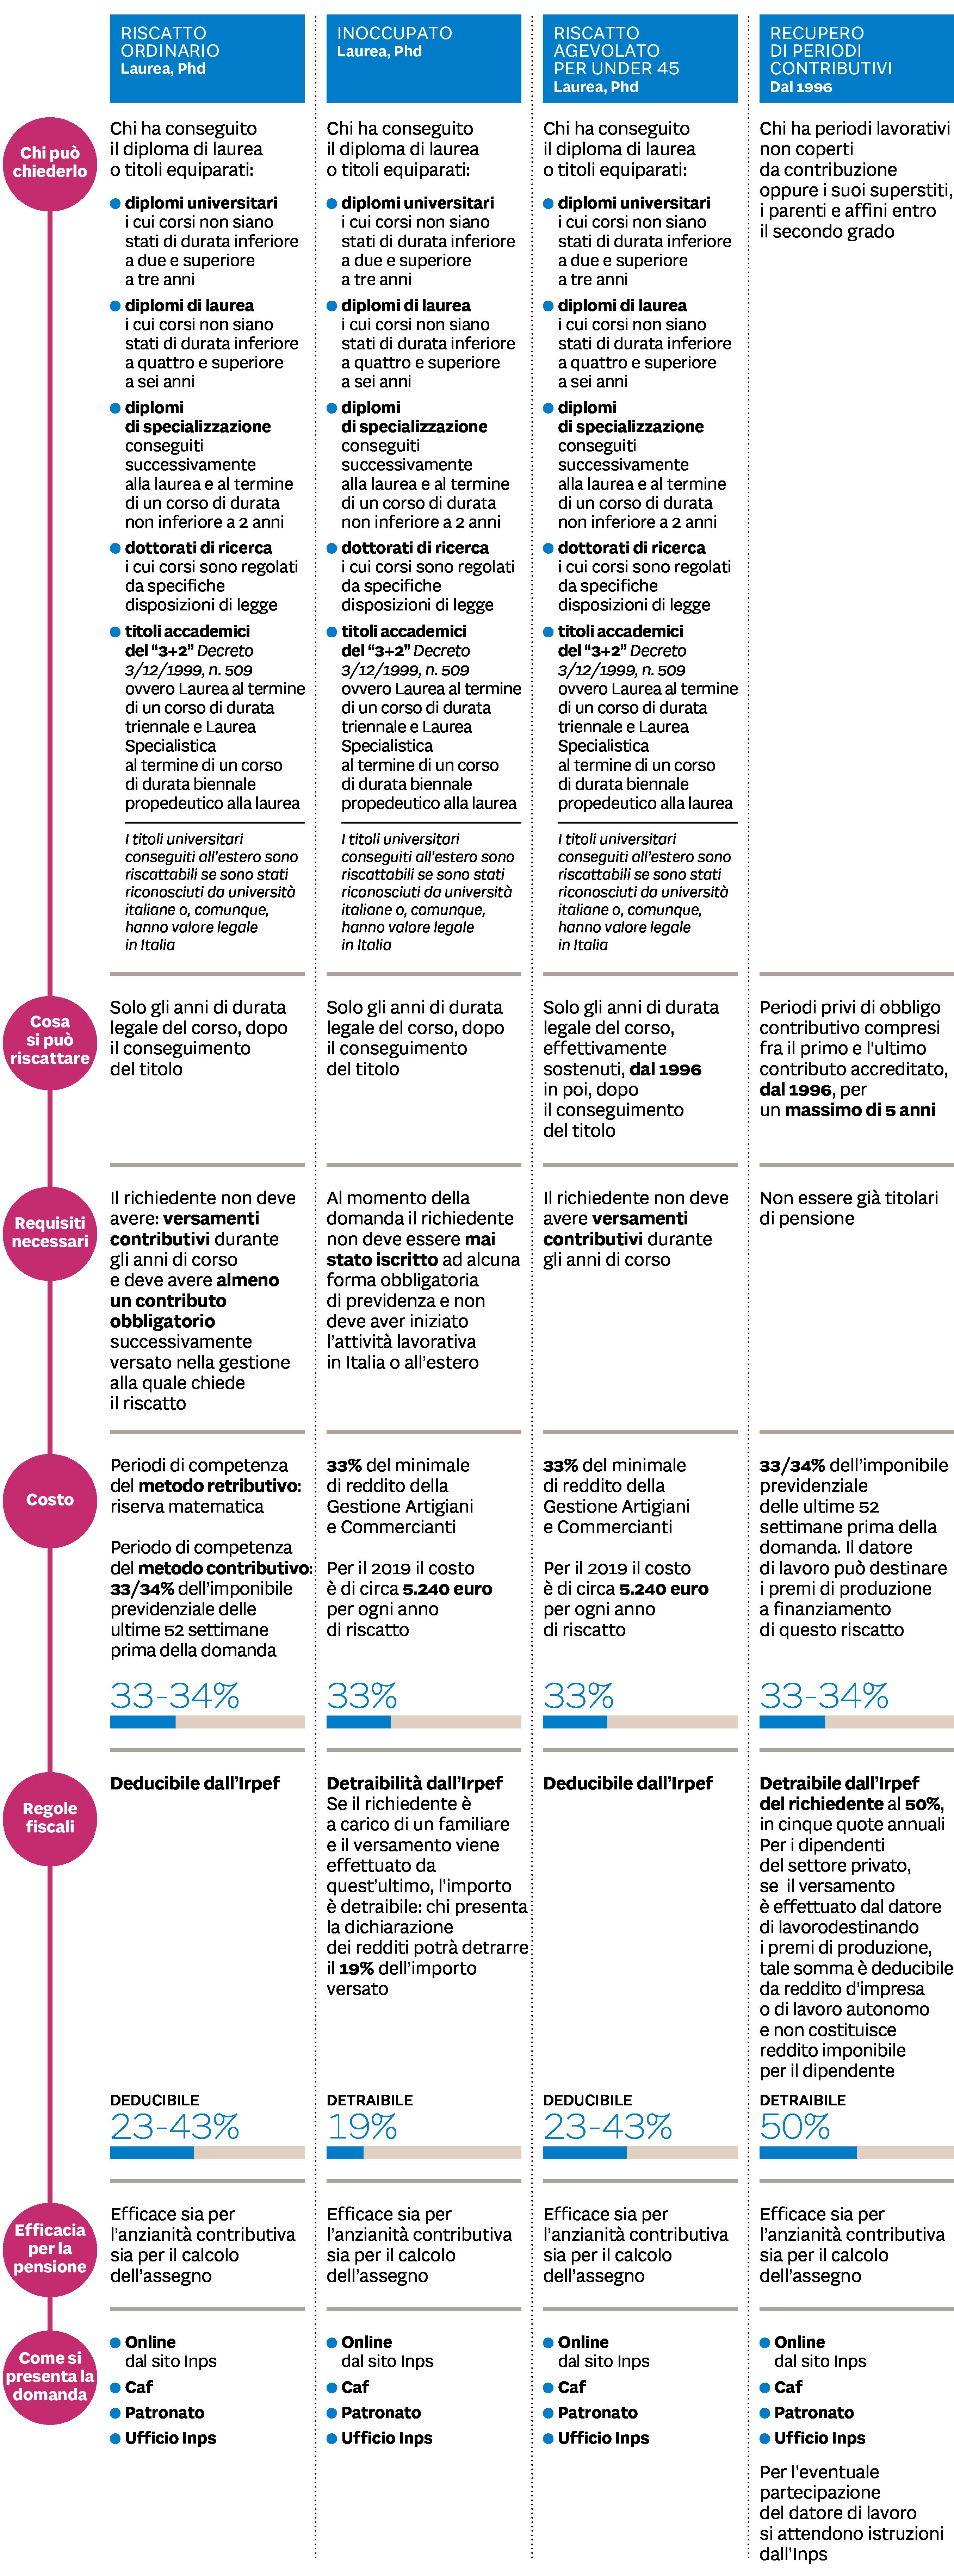 Grafico_riscatto di laurea percorsi a confronto